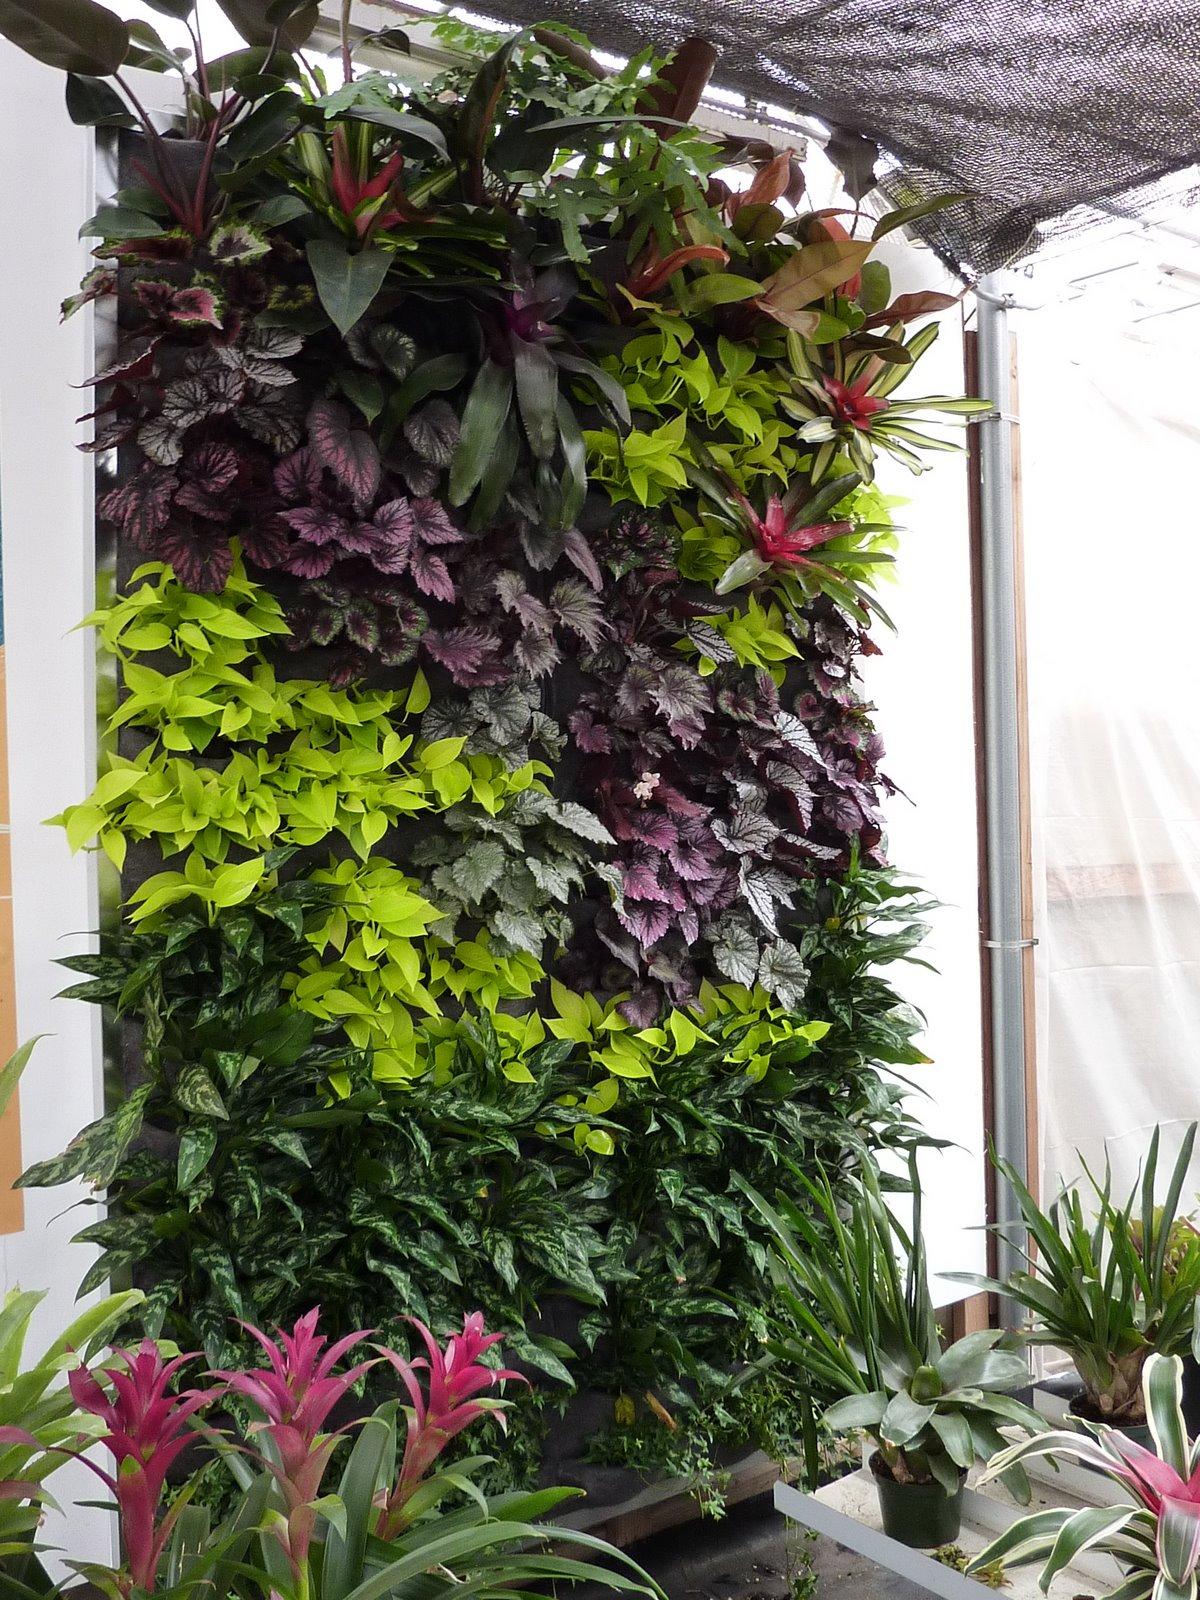 plants on walls florafelt vertical gardens. Black Bedroom Furniture Sets. Home Design Ideas